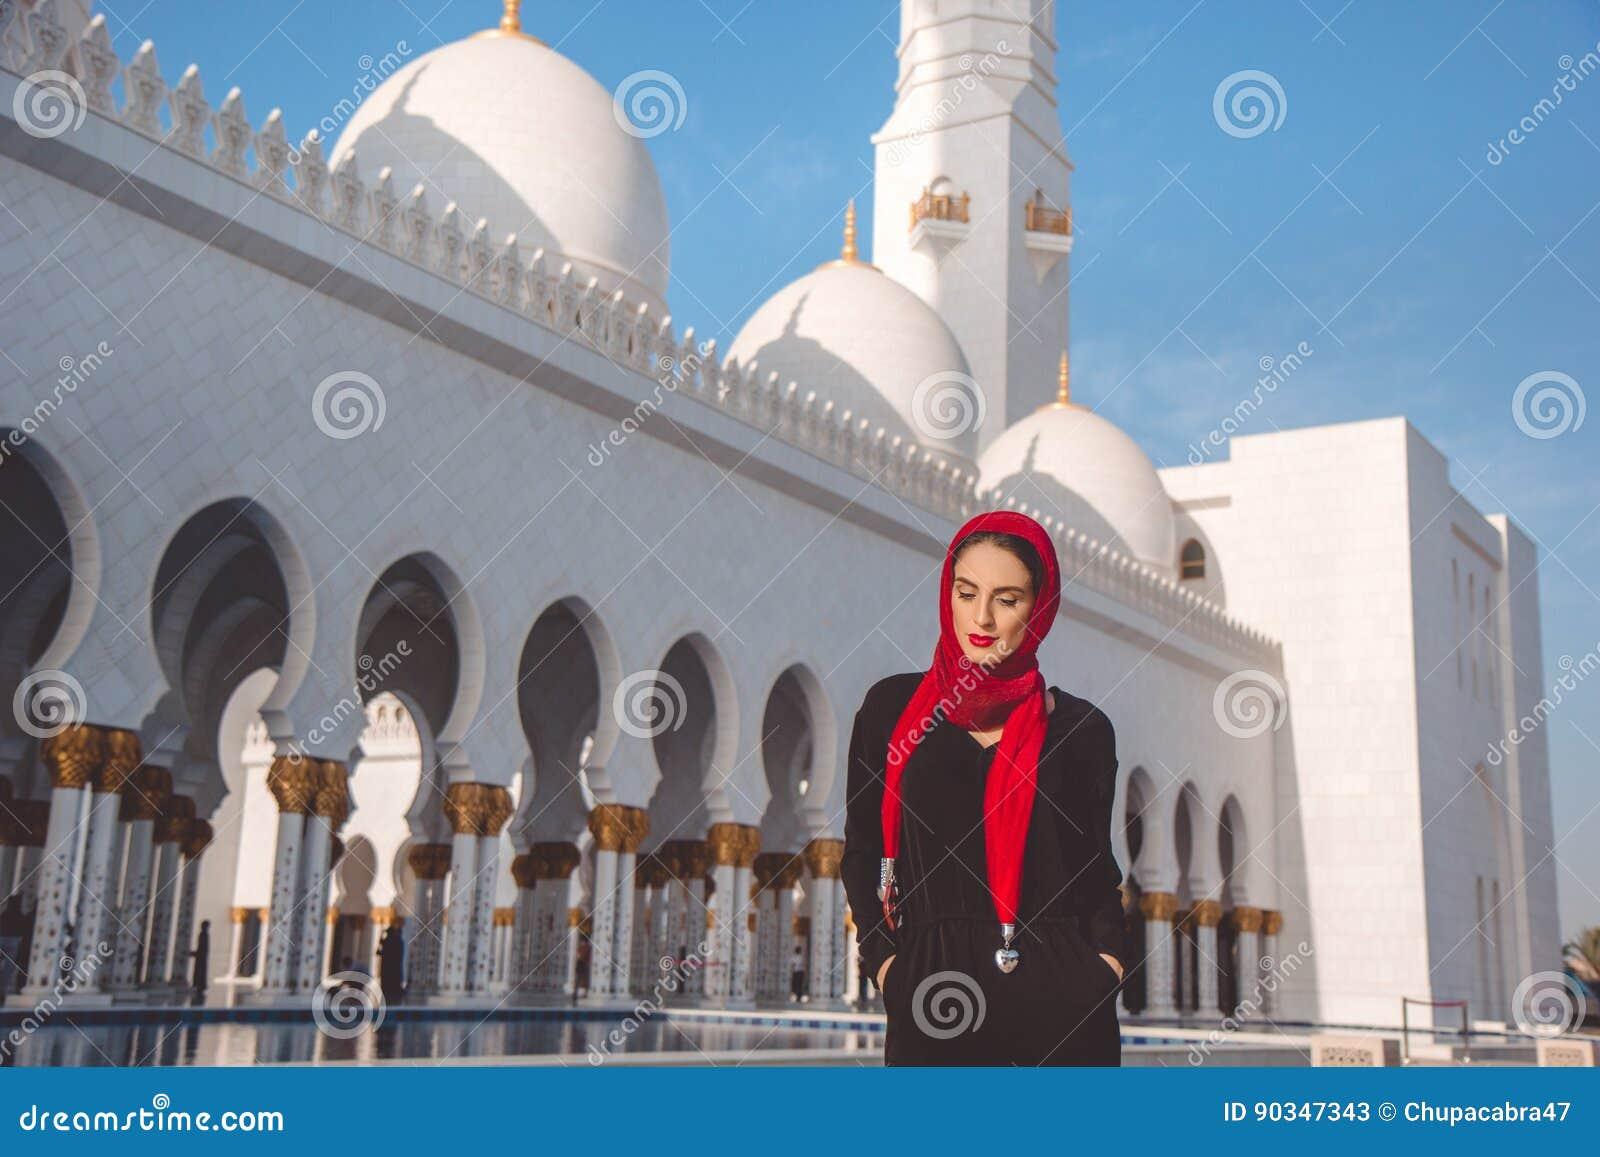 Modefrau In Der Grossartigen Moschee In Abu Dhabi Stockbild Bild Von Zauber Marmor 90347343